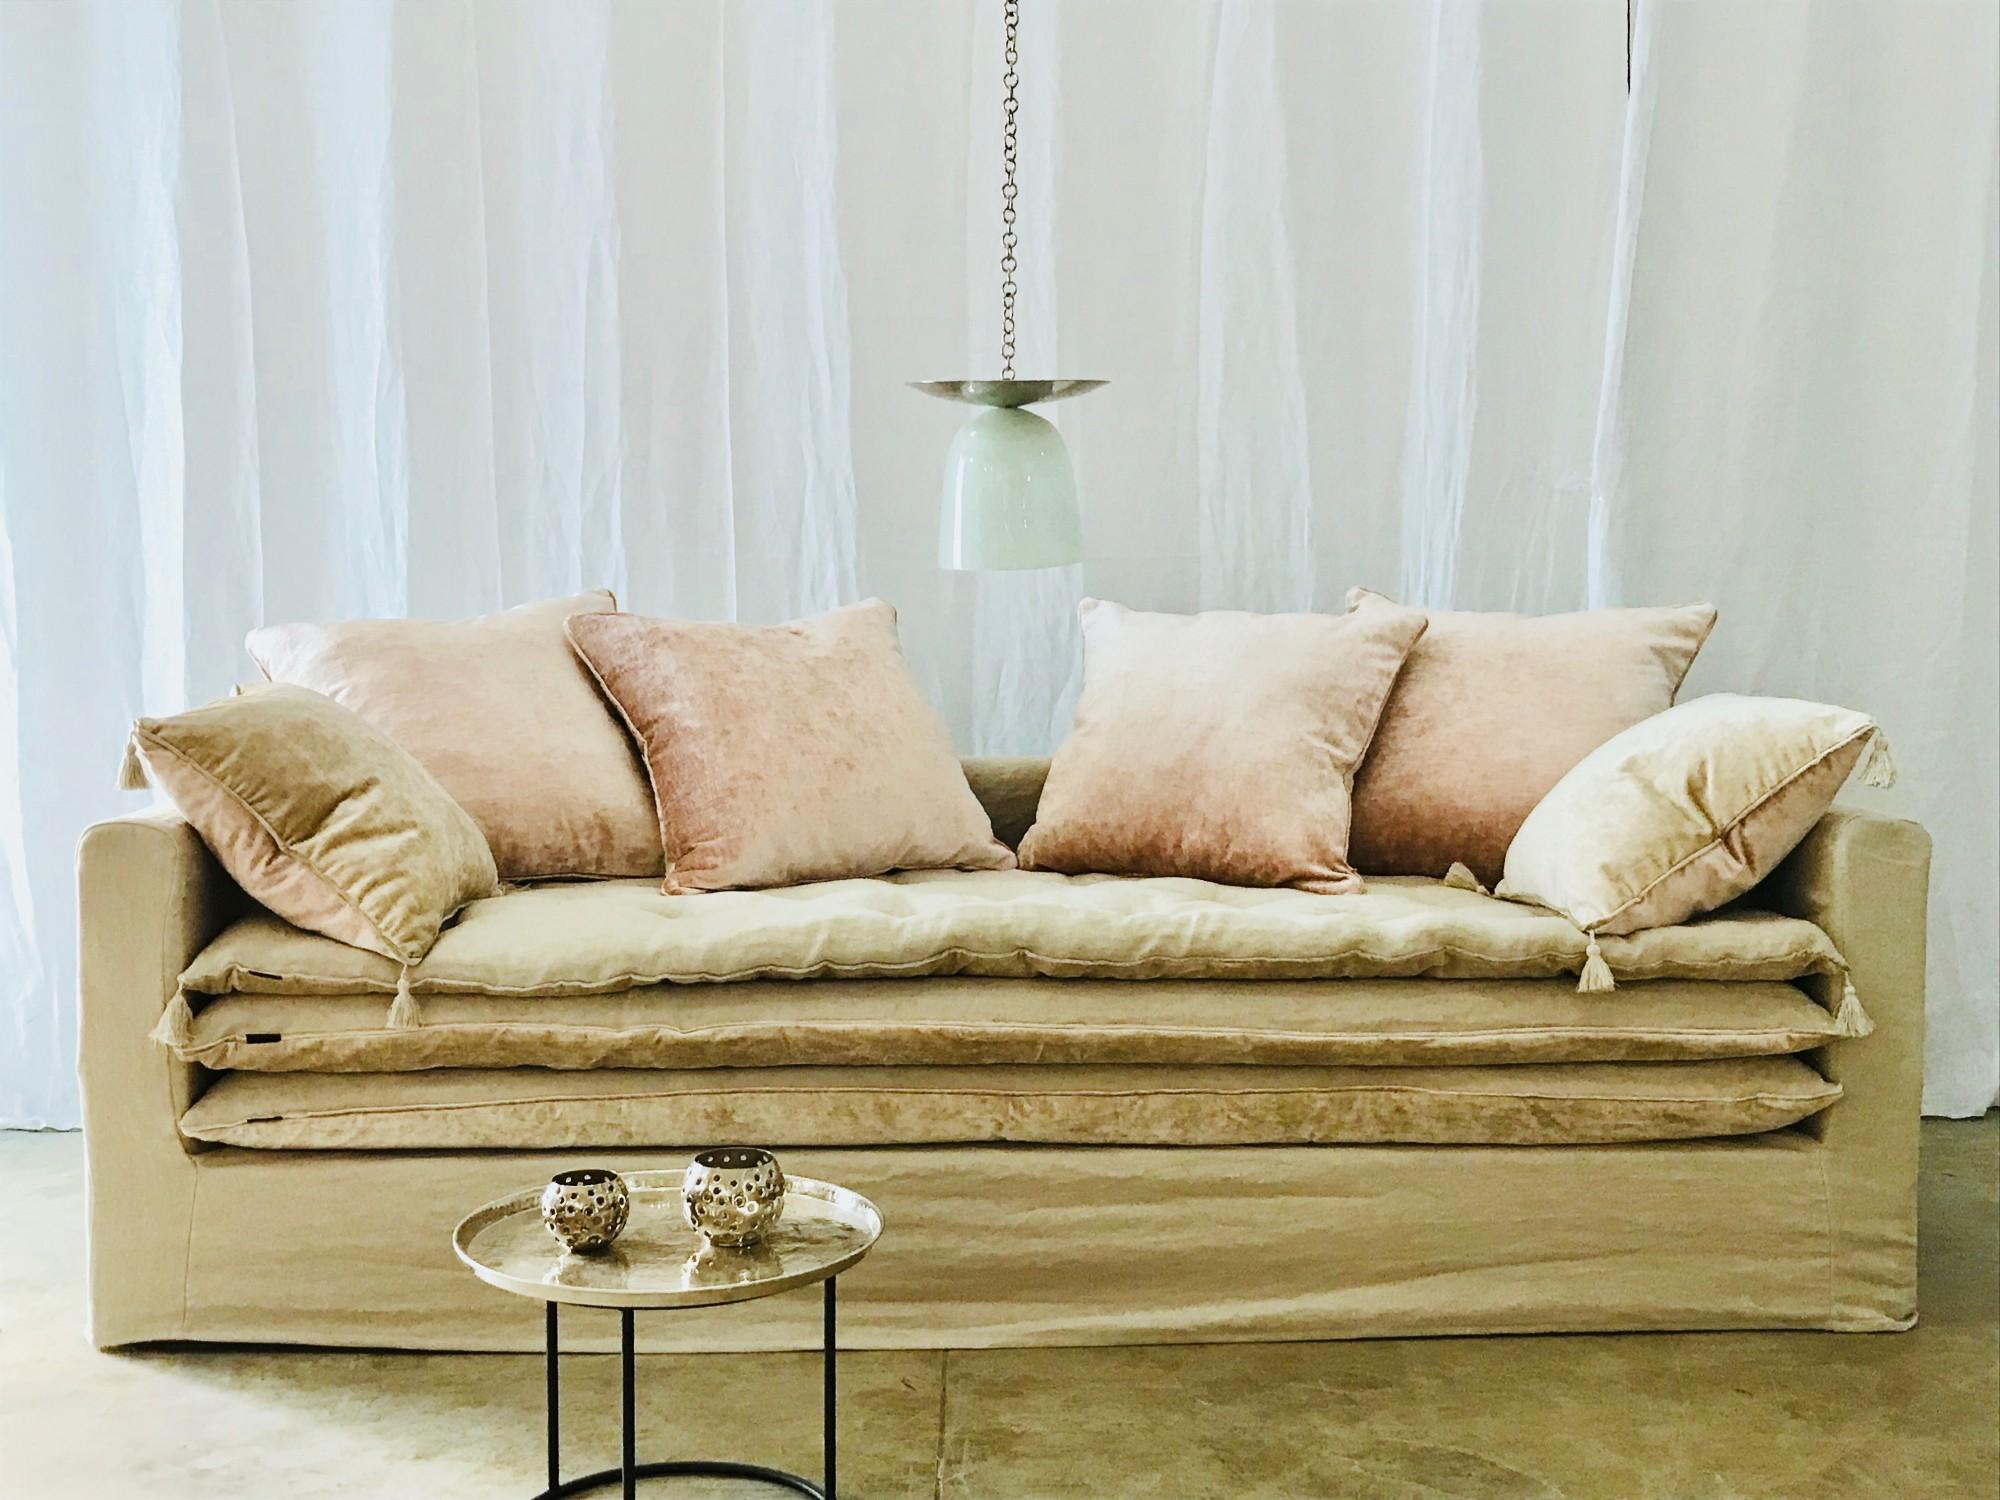 canapé en lin beige sable Montpellier